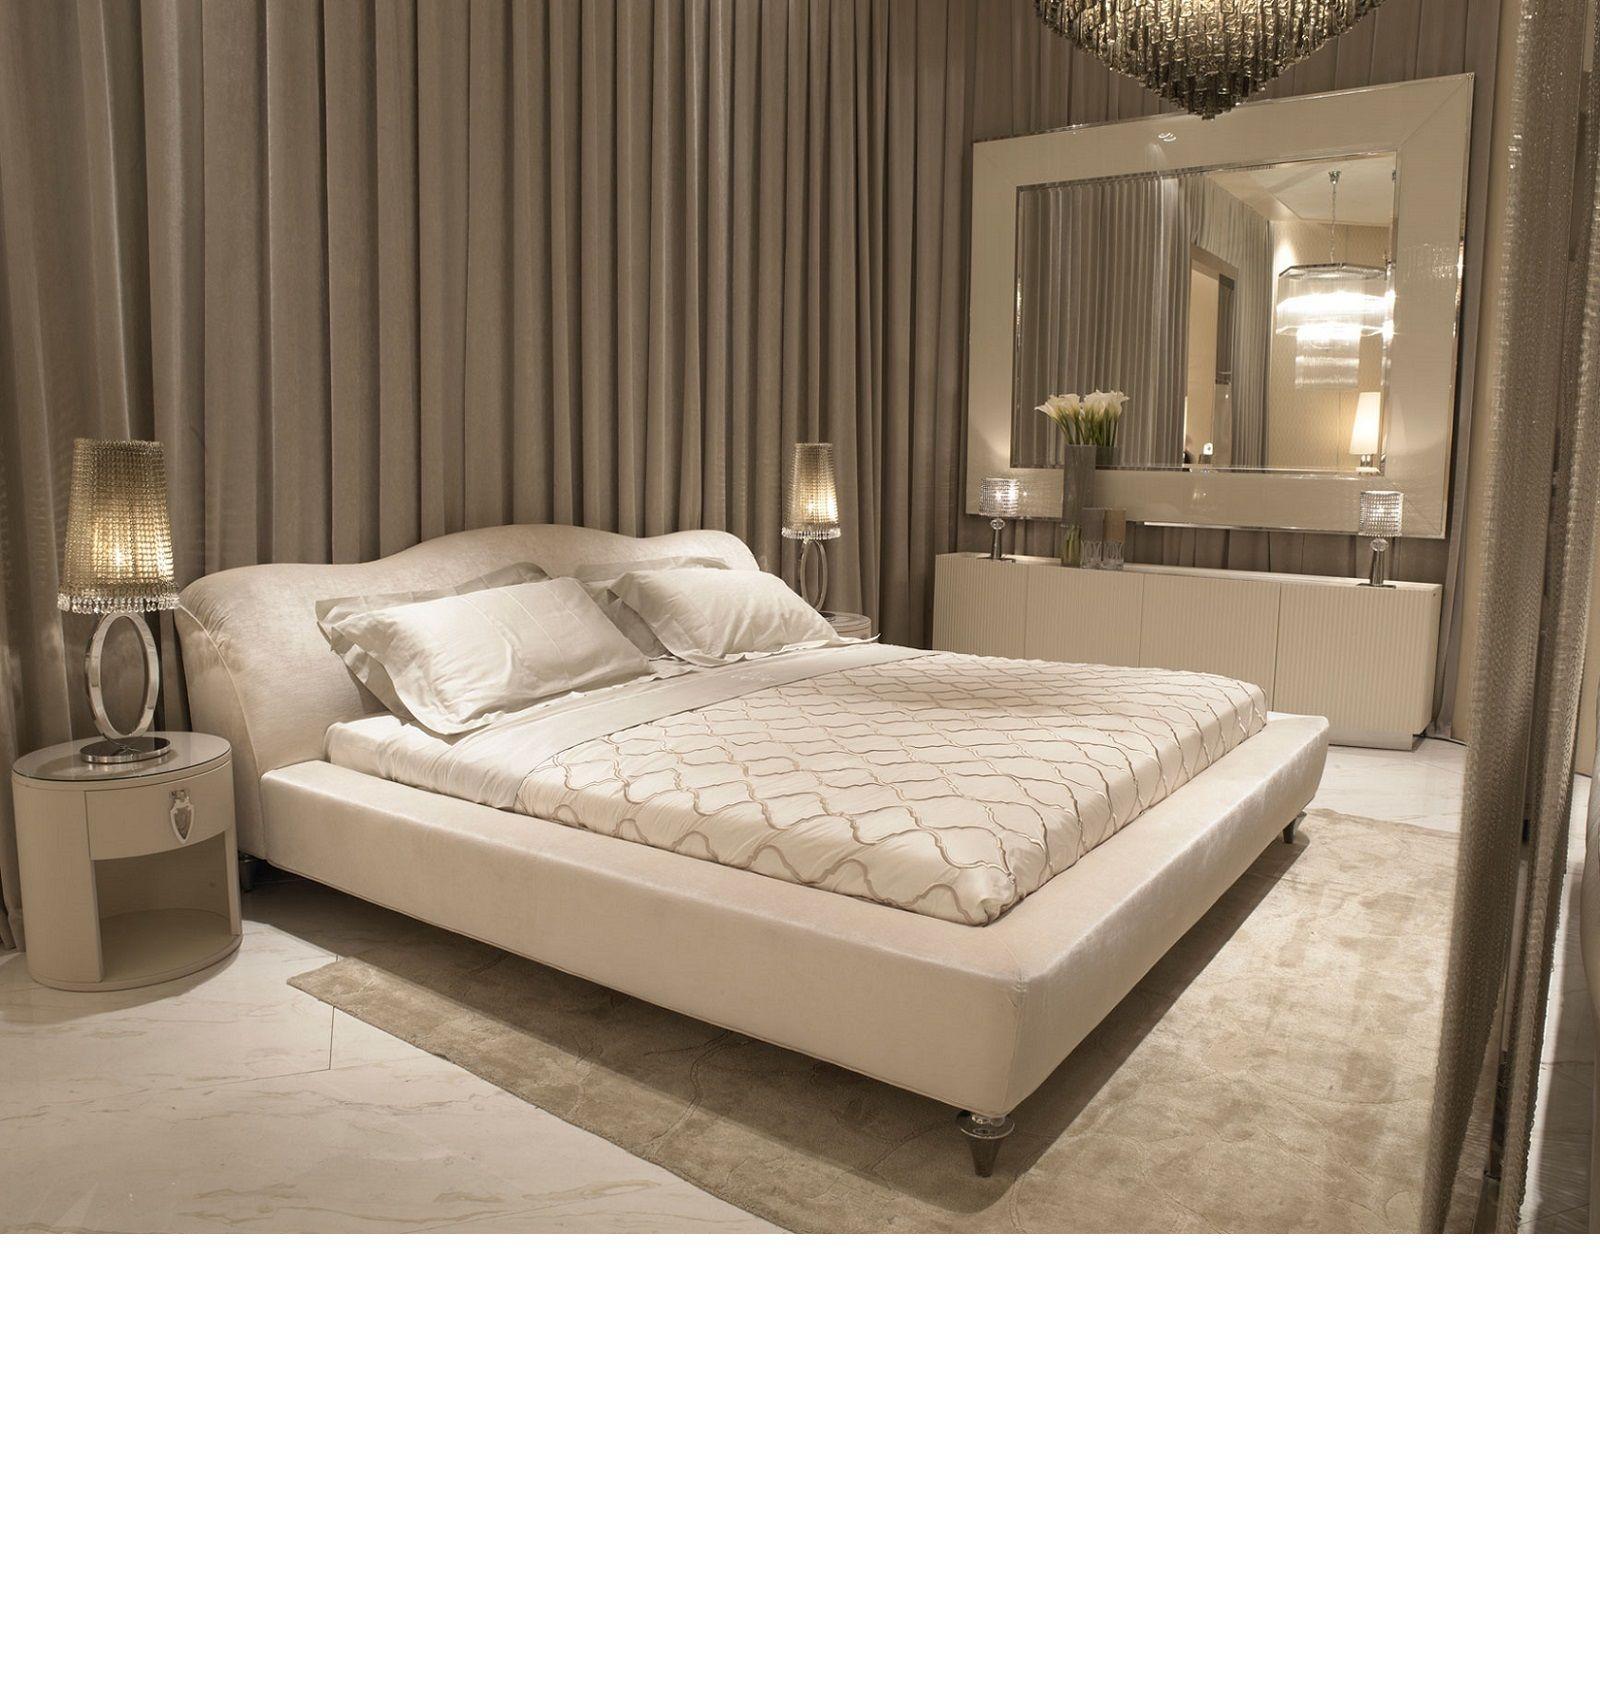 Luxury Interior Design Ultra High End Signature